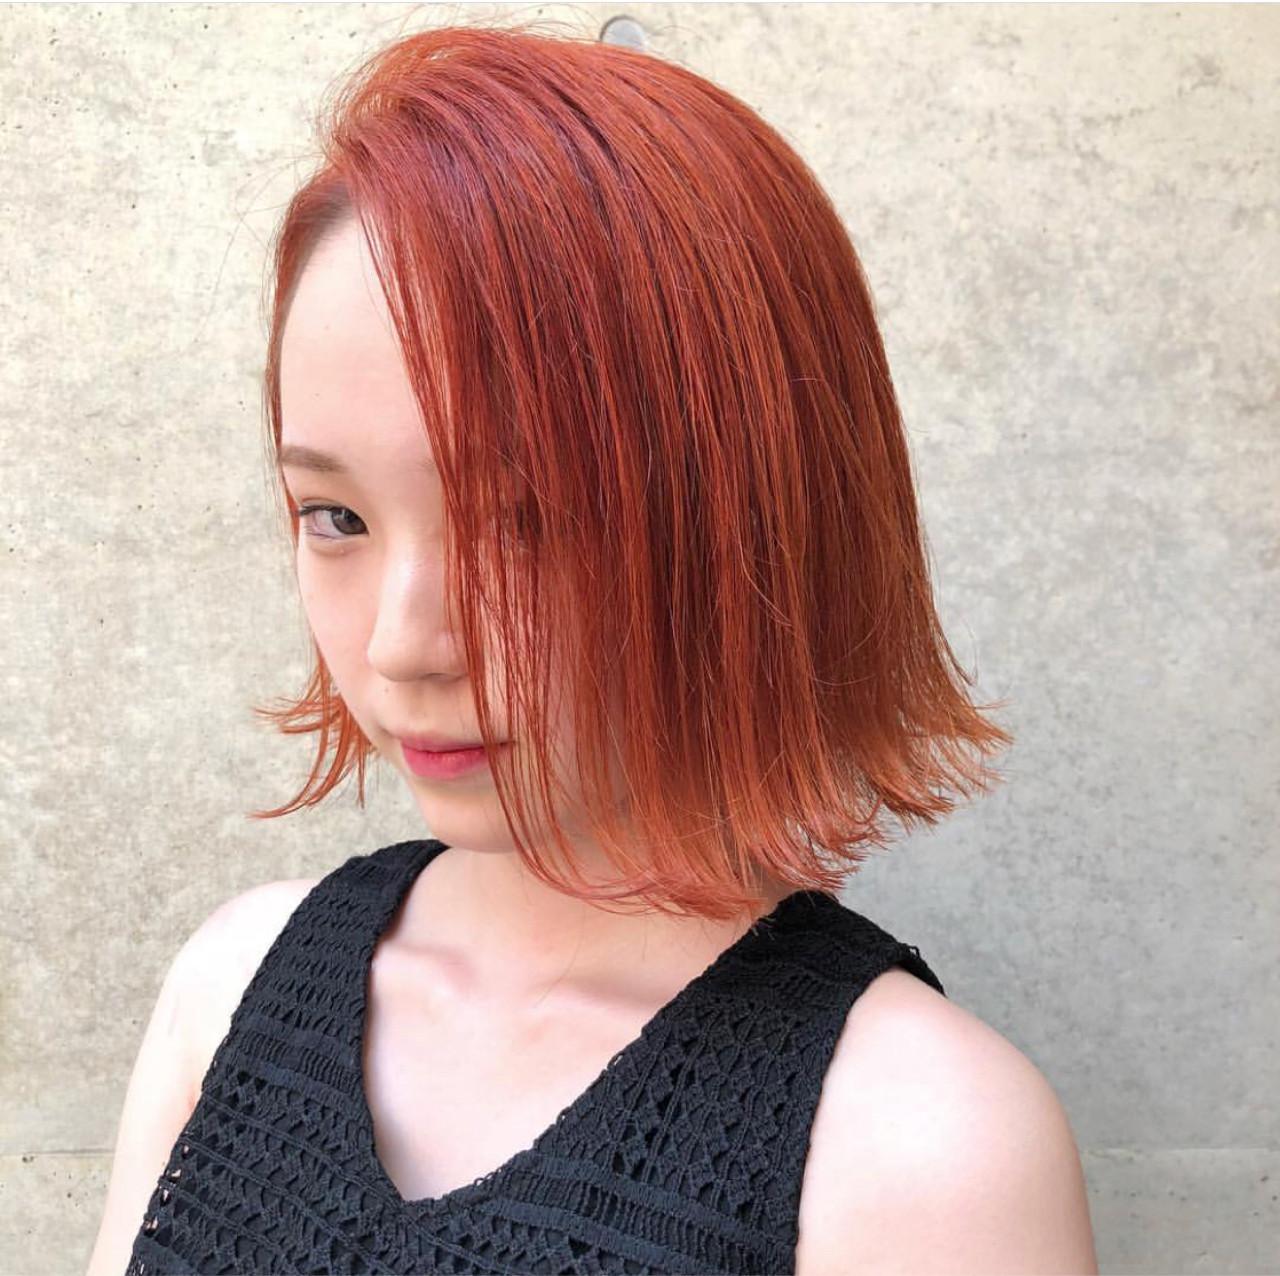 オルチャン オレンジ ボブ イエロー ヘアスタイルや髪型の写真・画像 | AKANE / LOGUE